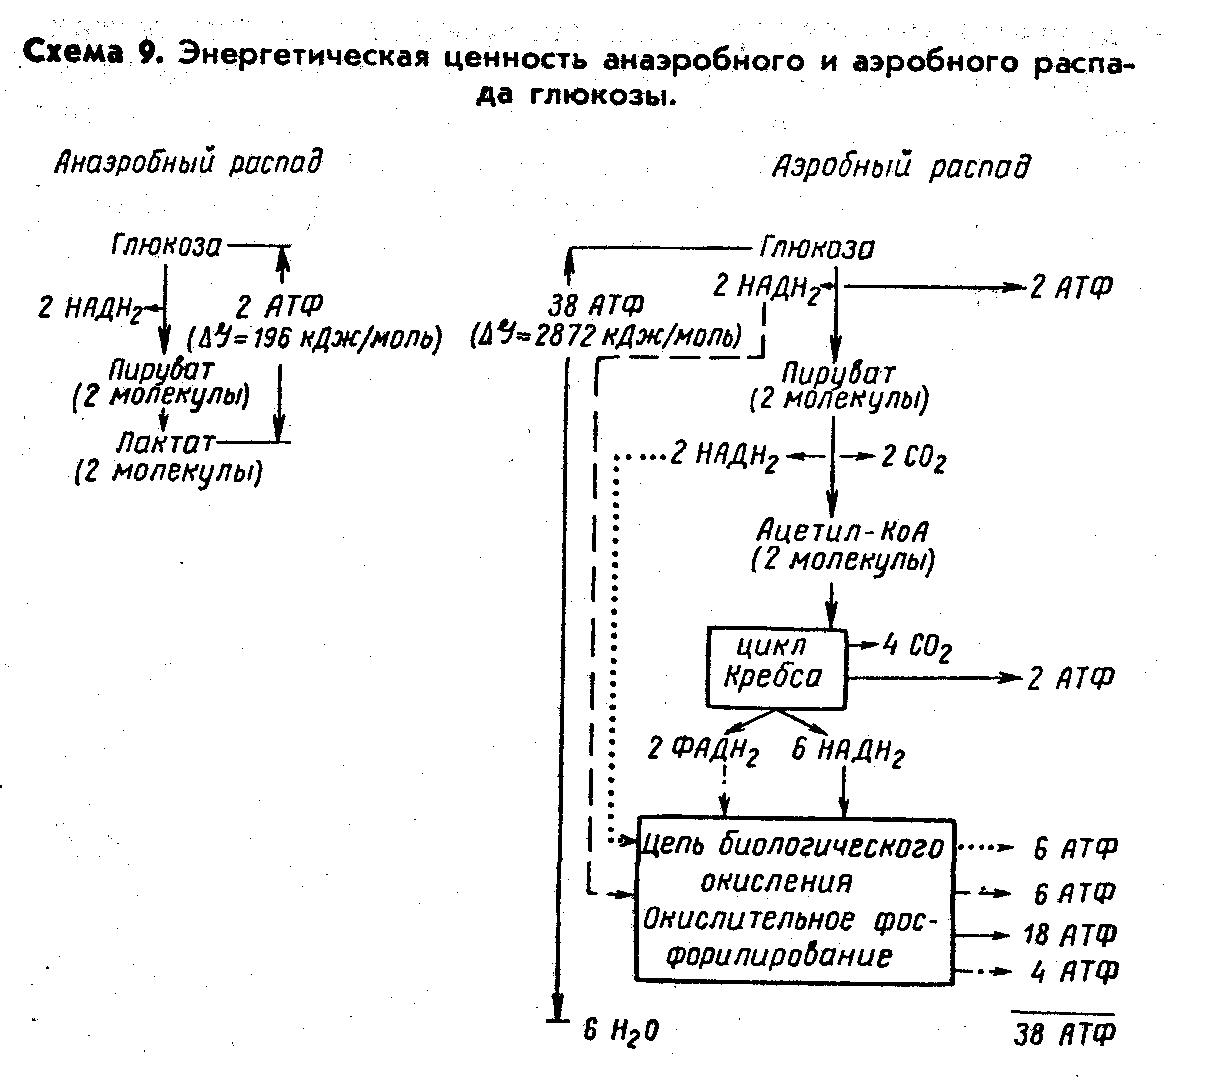 Схема аэробного распада глюкозы